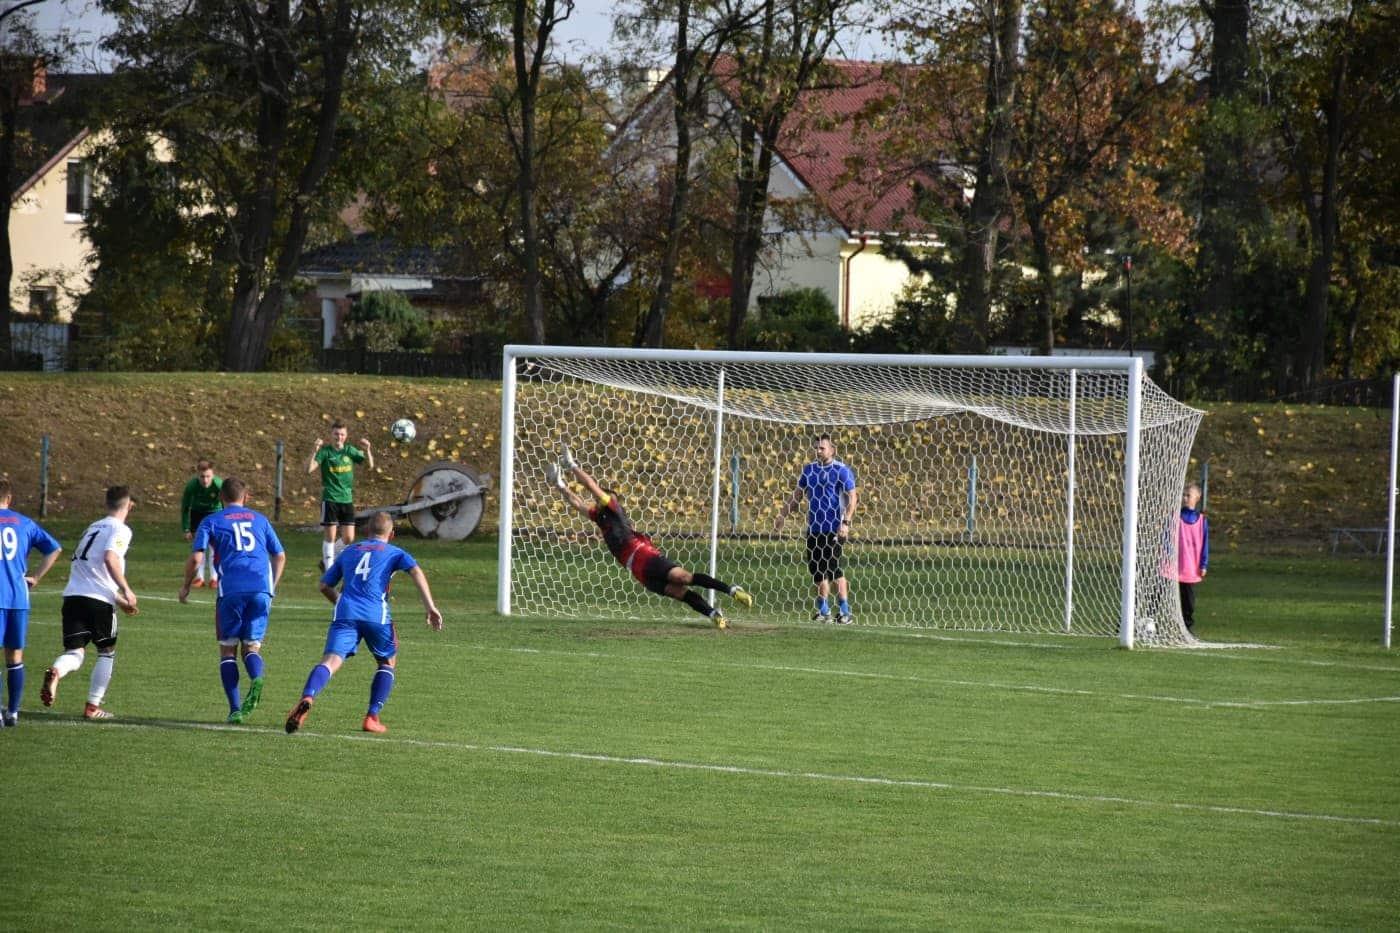 Zwycięstwo w meczu na szczycie – Polonia – Agroplon 2:0!